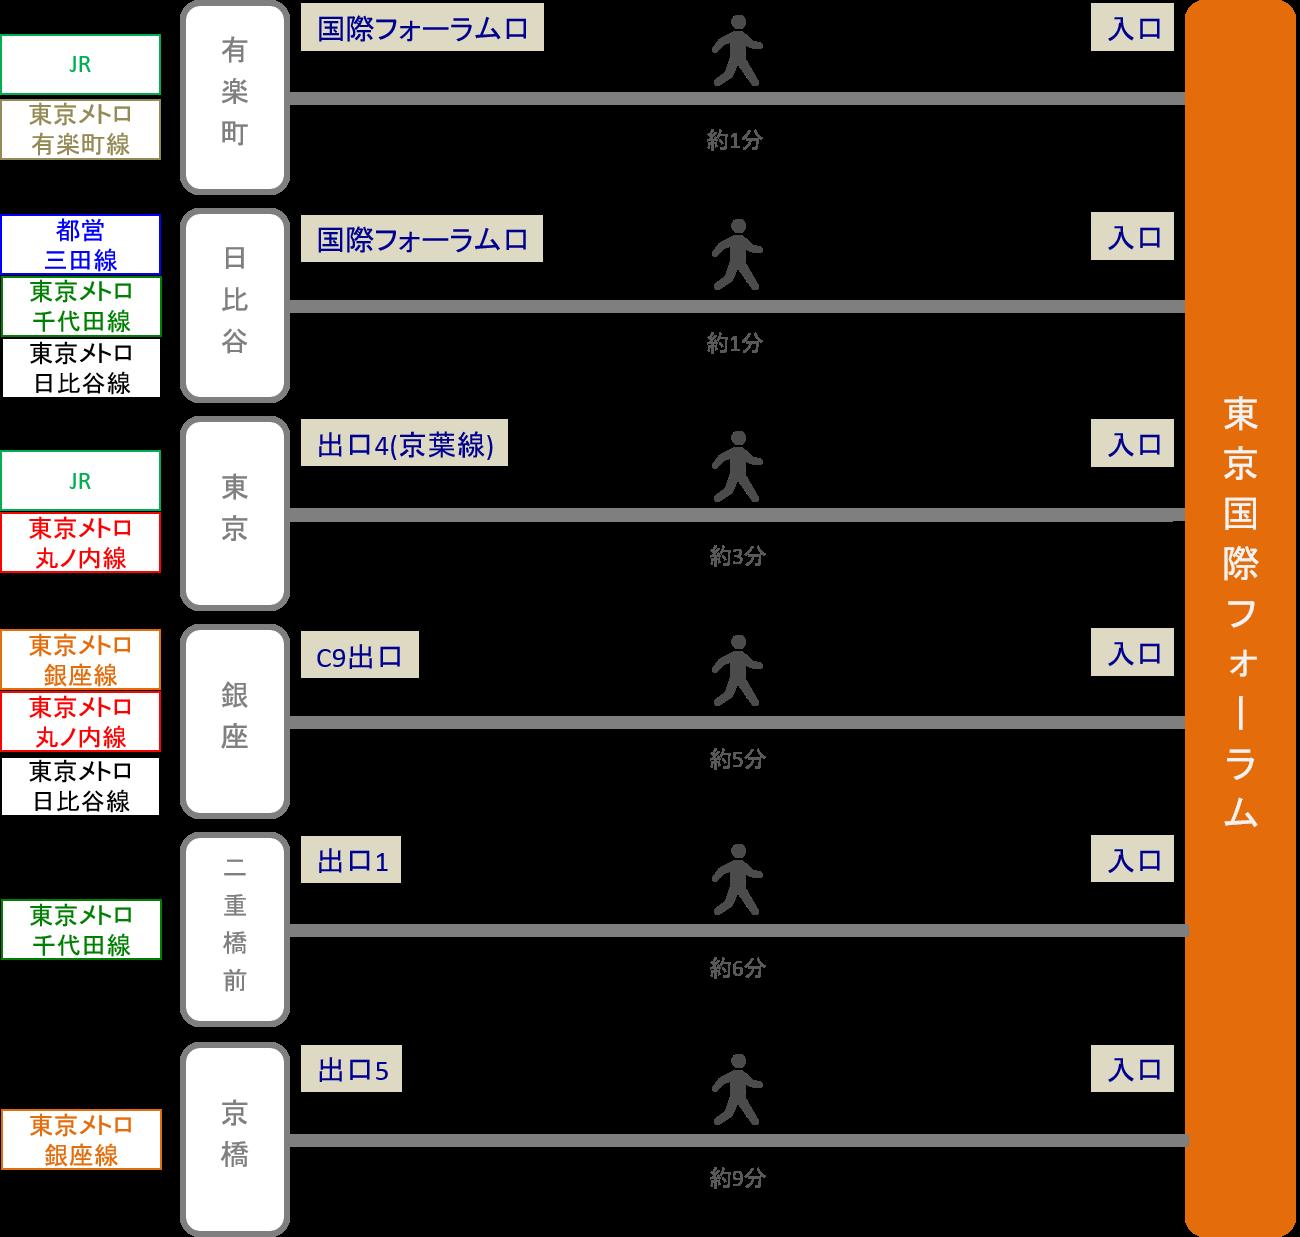 東京国際フォーラム_最寄り駅